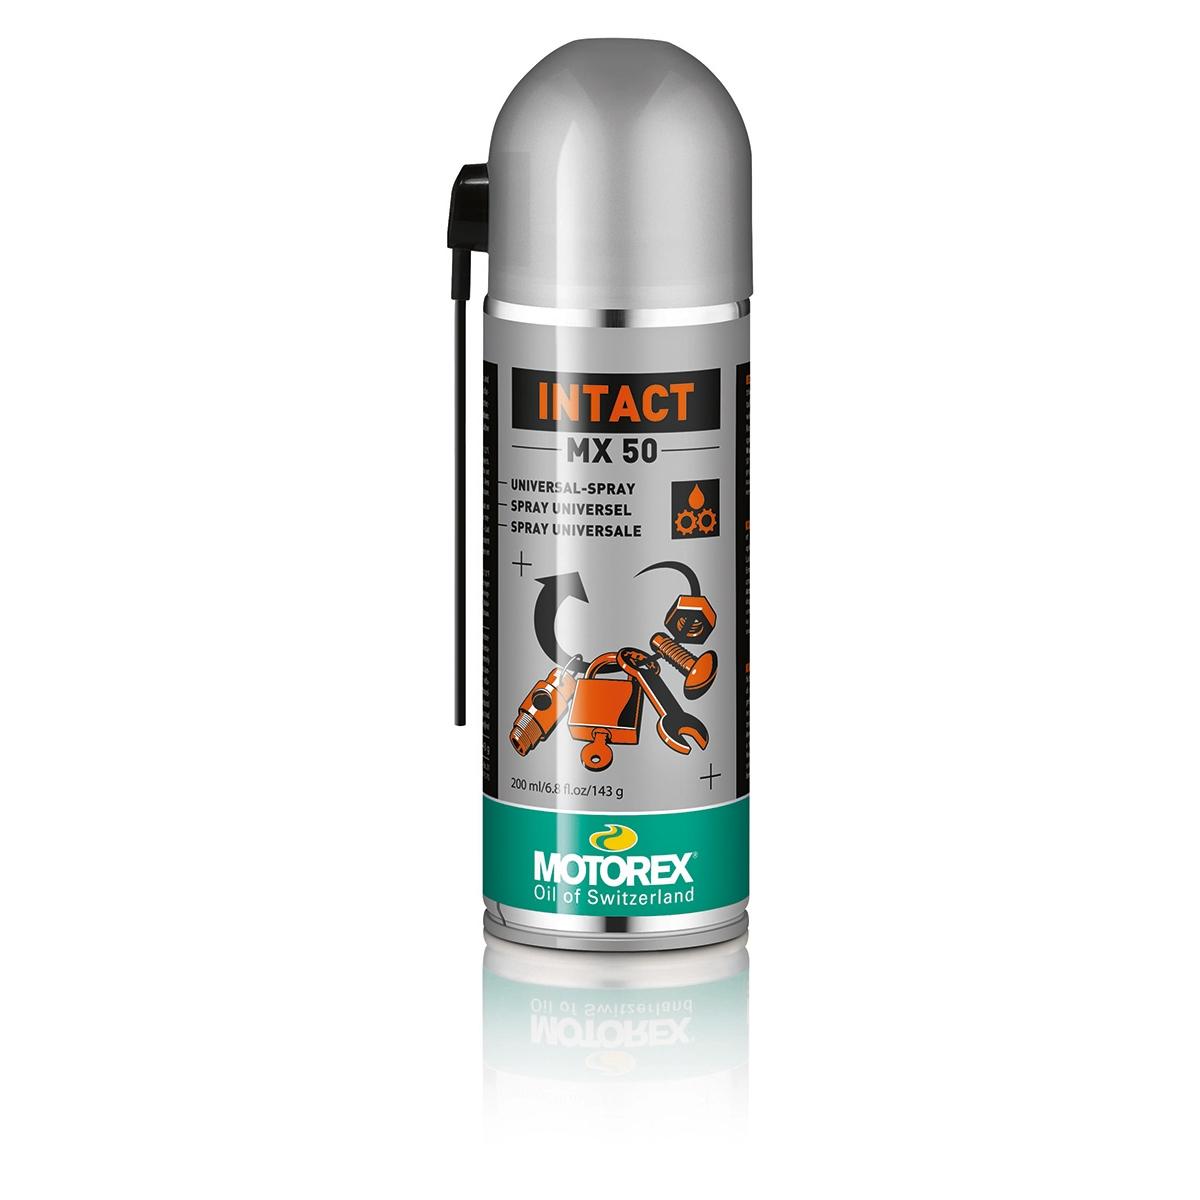 Spray Lubrificante Intact MX50 Antistatico Aerosol 200ml